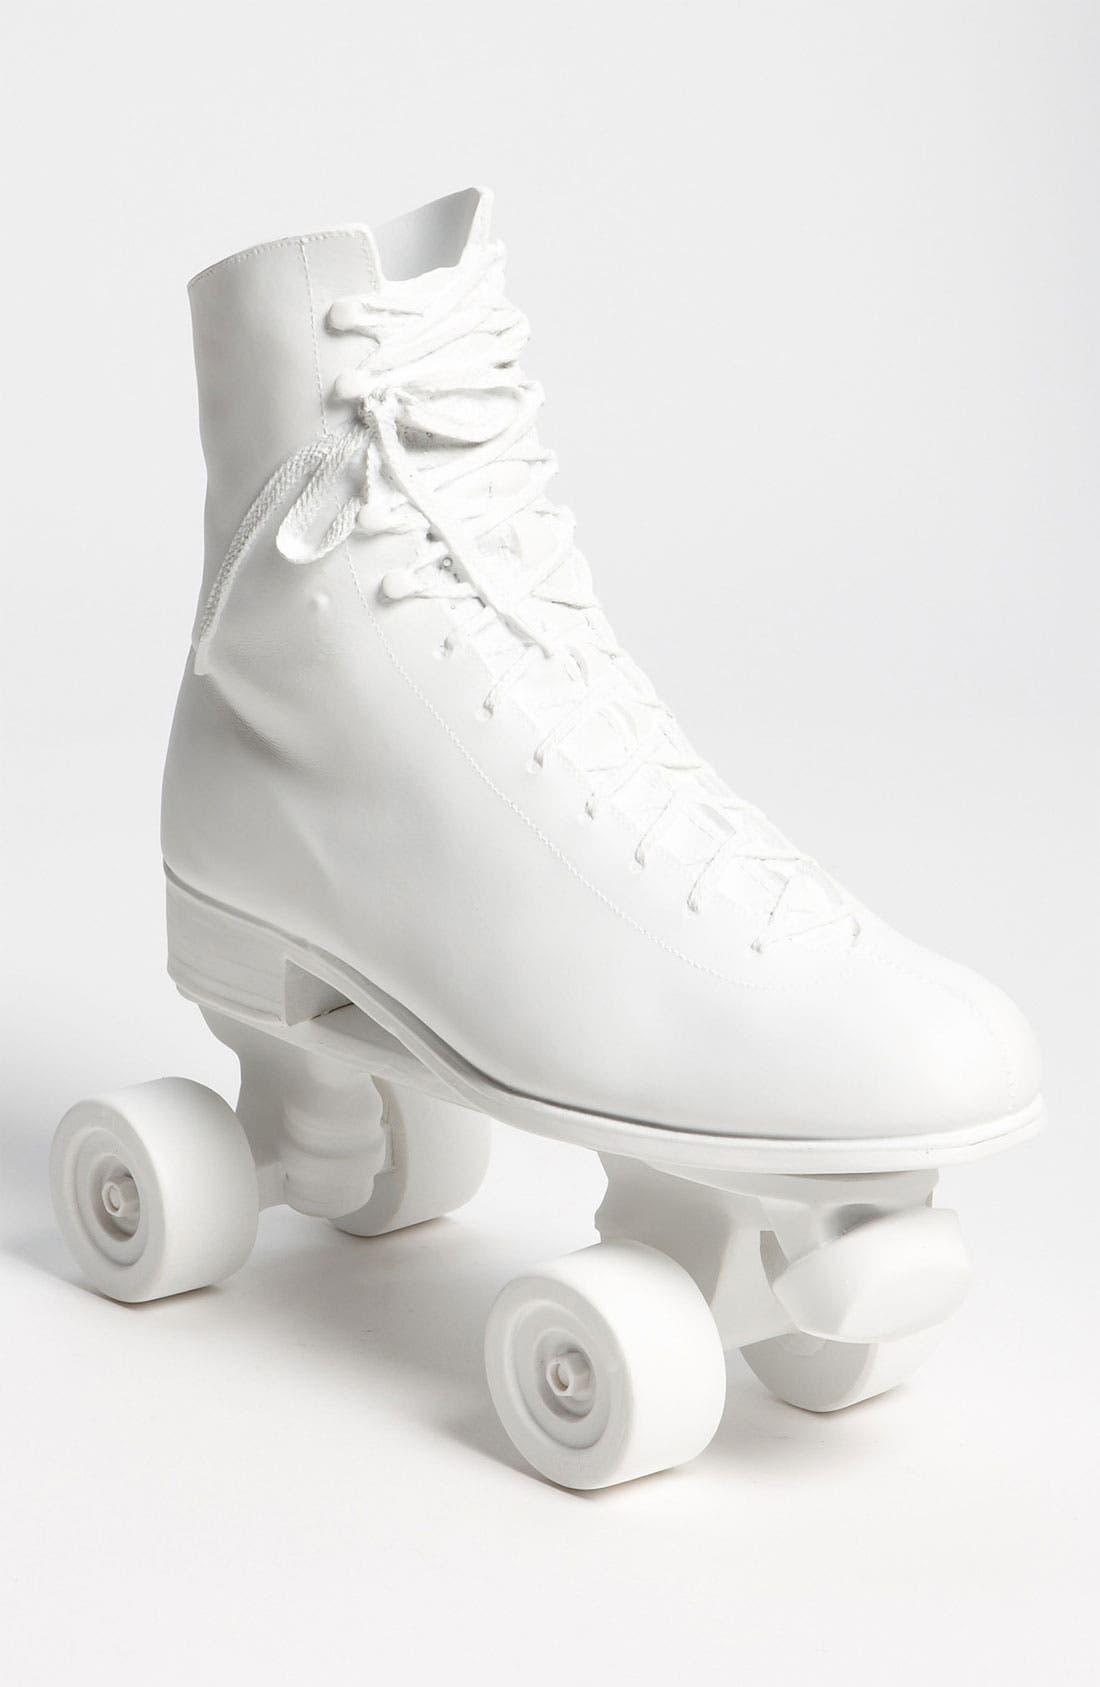 Alternate Image 1 Selected - Roller Skate Sculpture